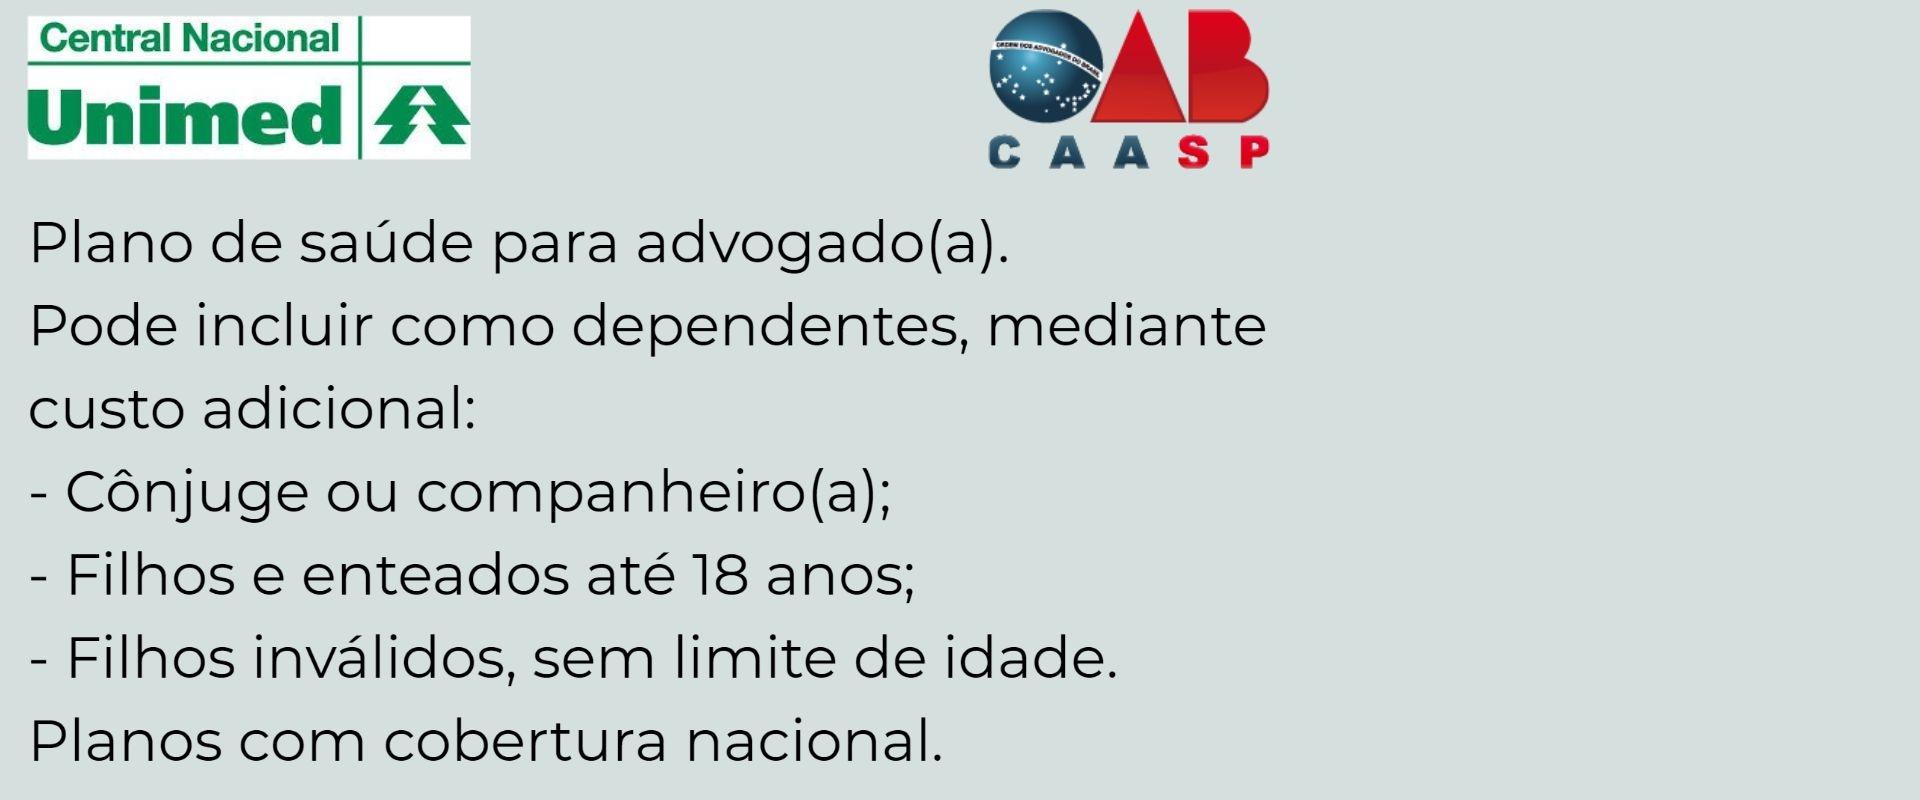 Unimed CAASP Amparo